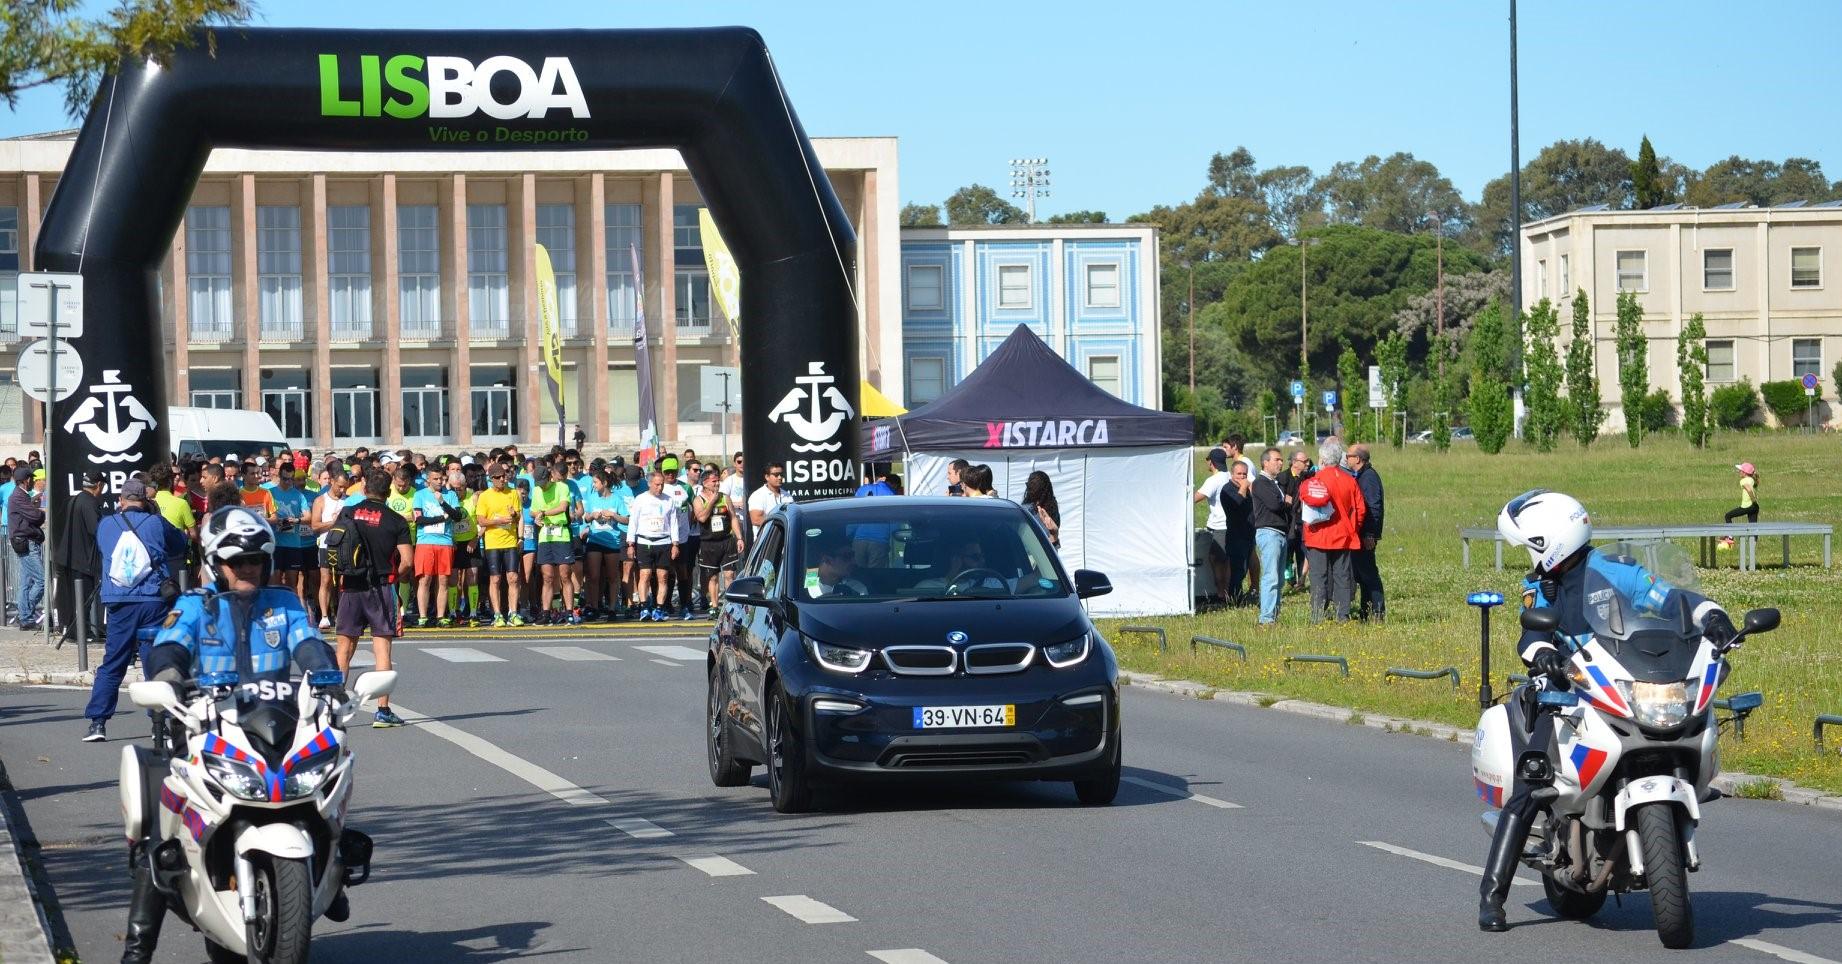 Dezenas de pessoas na linha de partida de uma corrida, na cidade universitária em Lisboa. à frente vemos duas motas da PSP e um carro de suporte